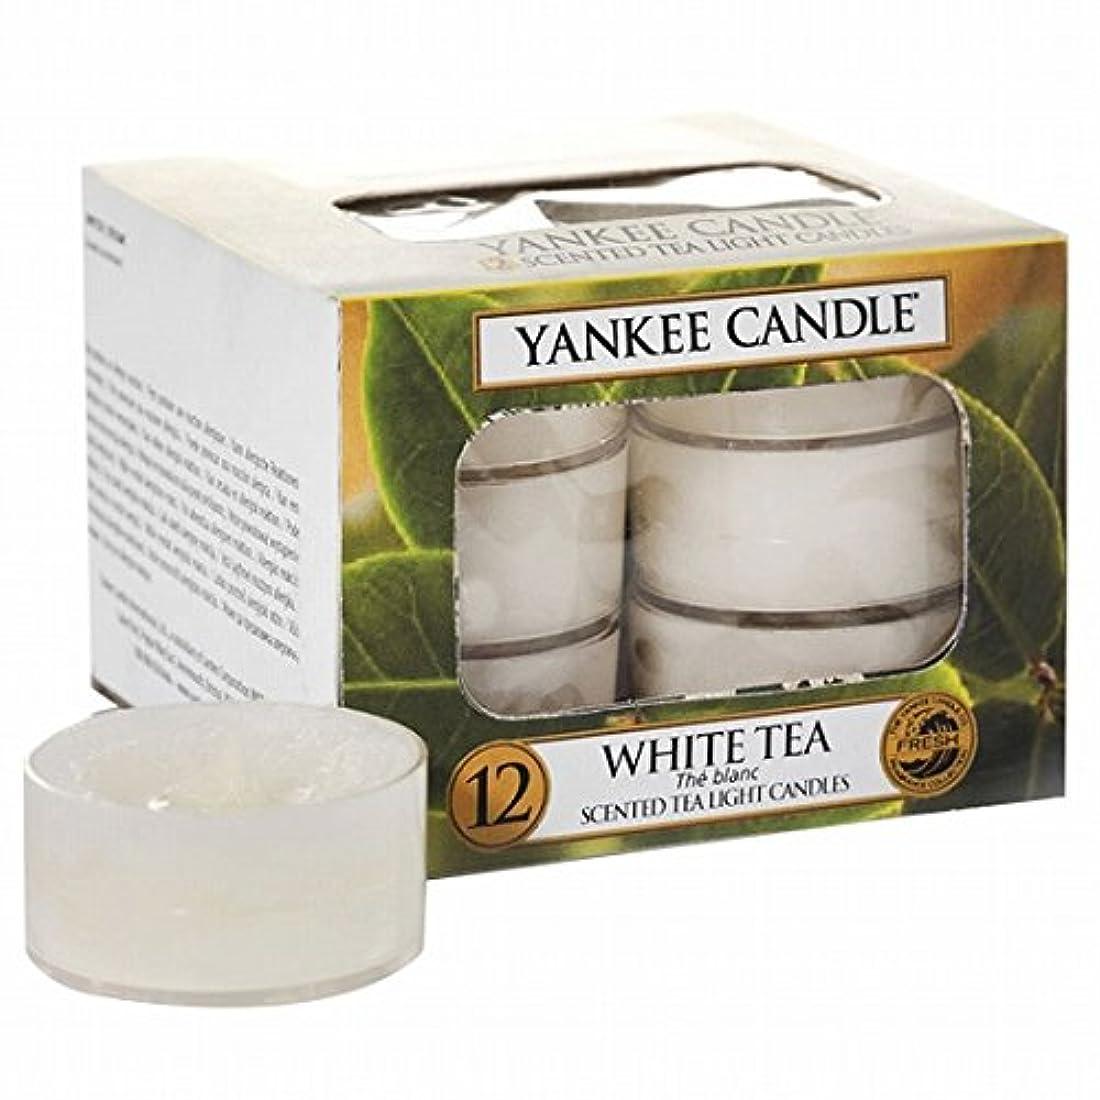 フェード火山注入ヤンキーキャンドル(YANKEE CANDLE) YANKEE CANDLE クリアカップティーライト12個入り 「ホワイトティー」